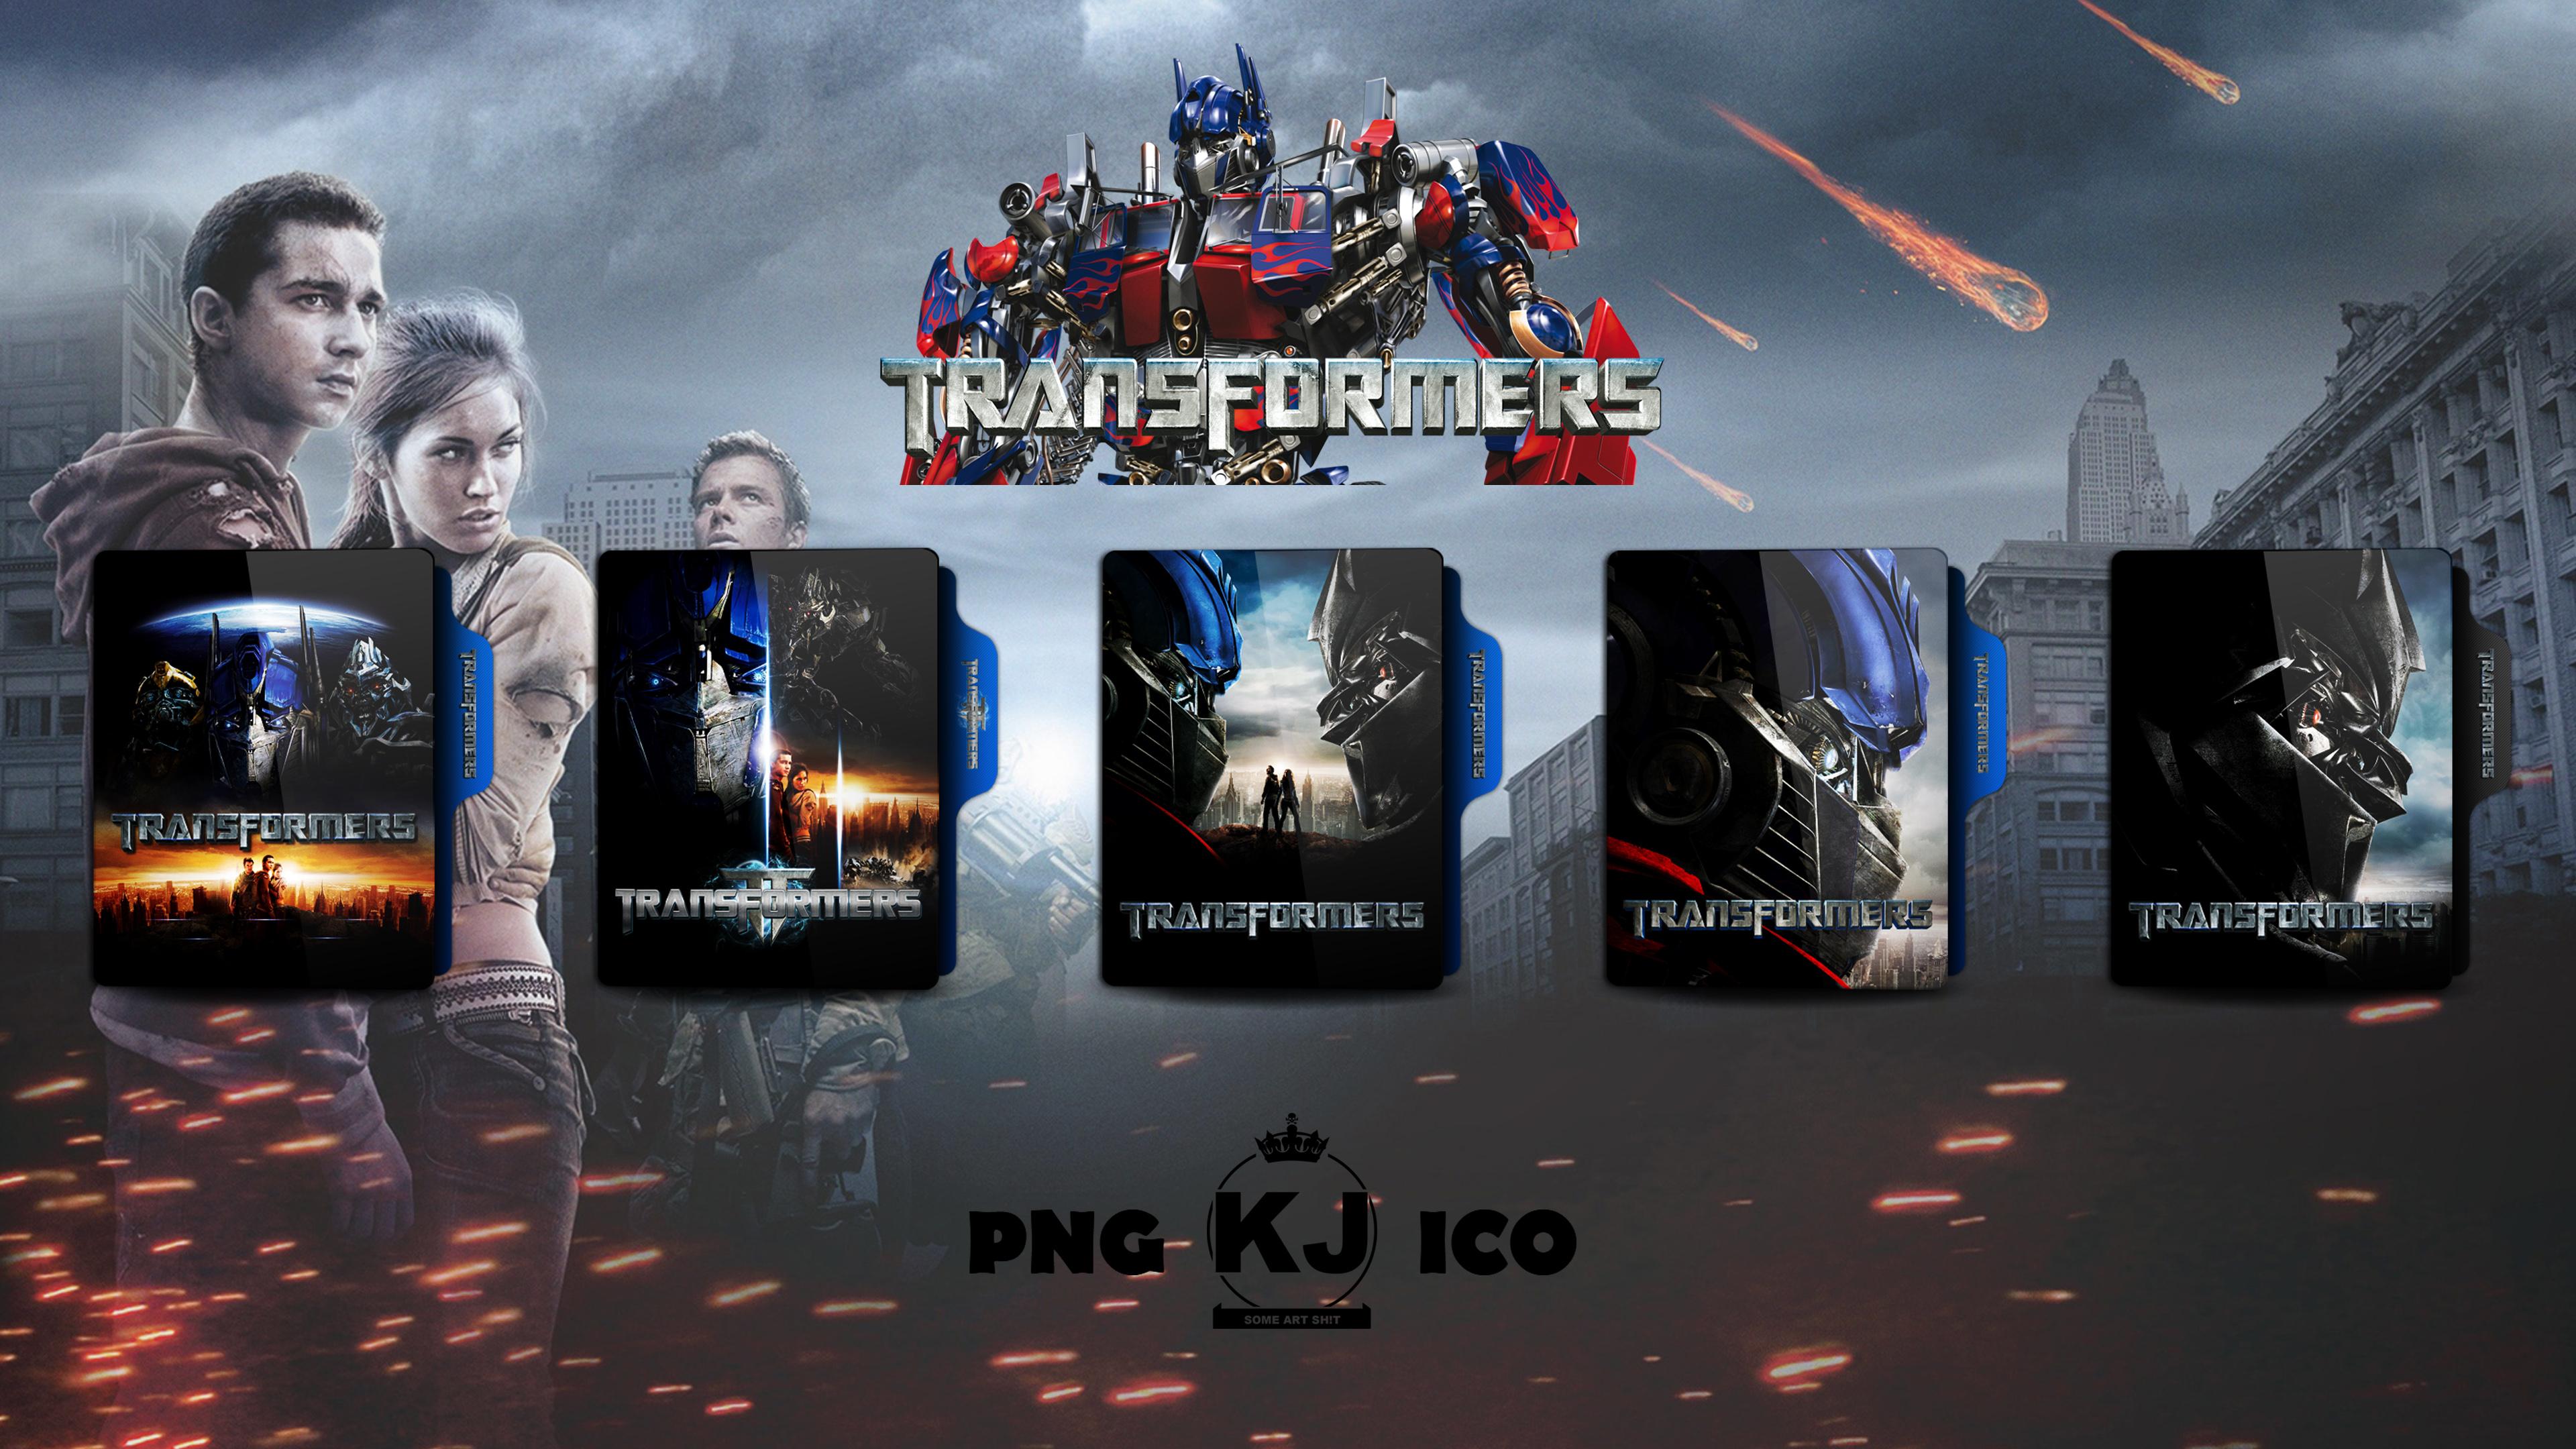 Transformers 2007 Folder Icon By Kingjoe93 On Deviantart